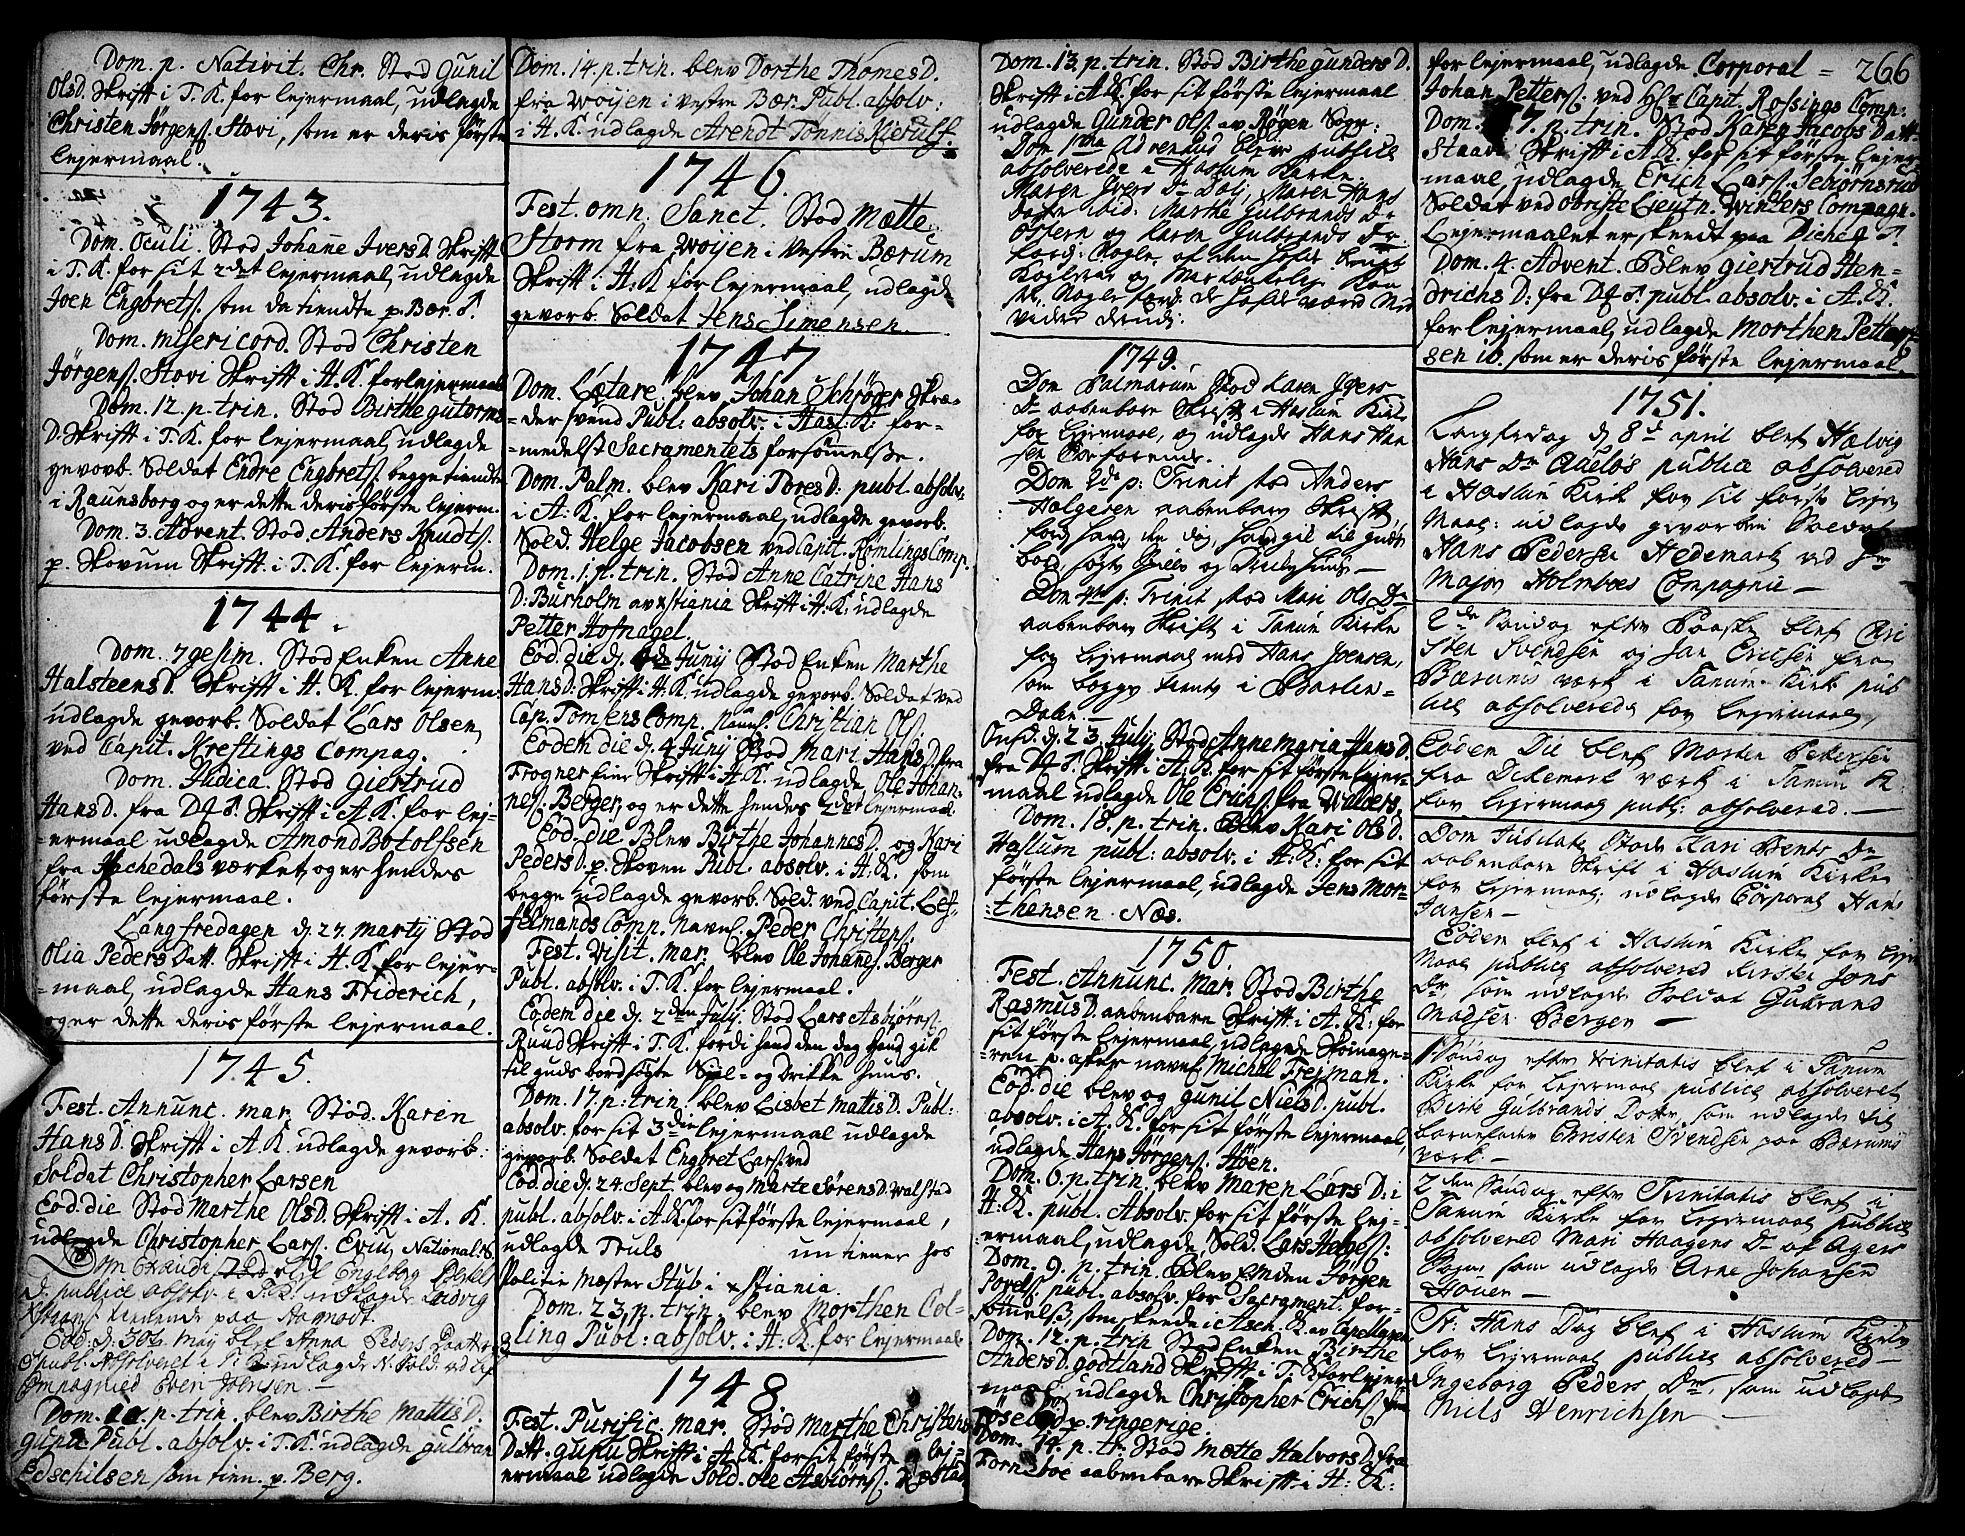 SAO, Asker prestekontor Kirkebøker, F/Fa/L0002: Ministerialbok nr. I 2, 1733-1766, s. 266